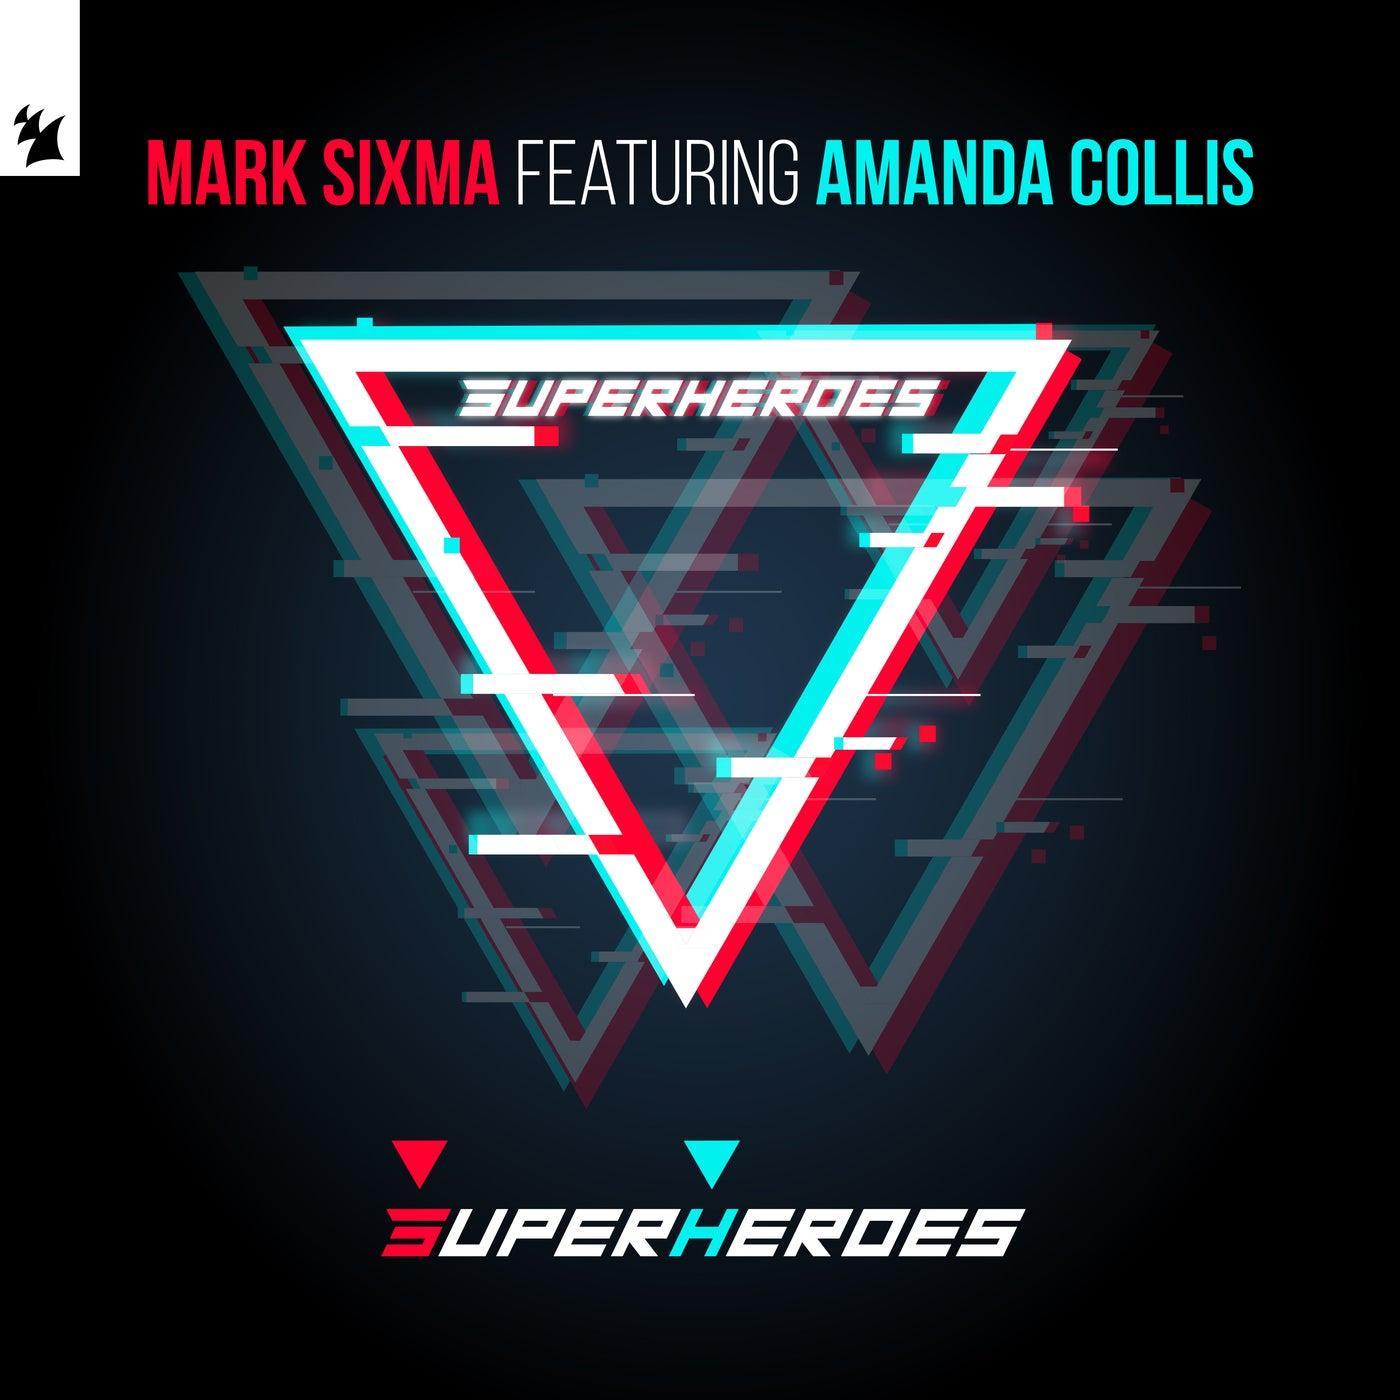 Superheroes feat. Amanda Collis (Extended Mix)